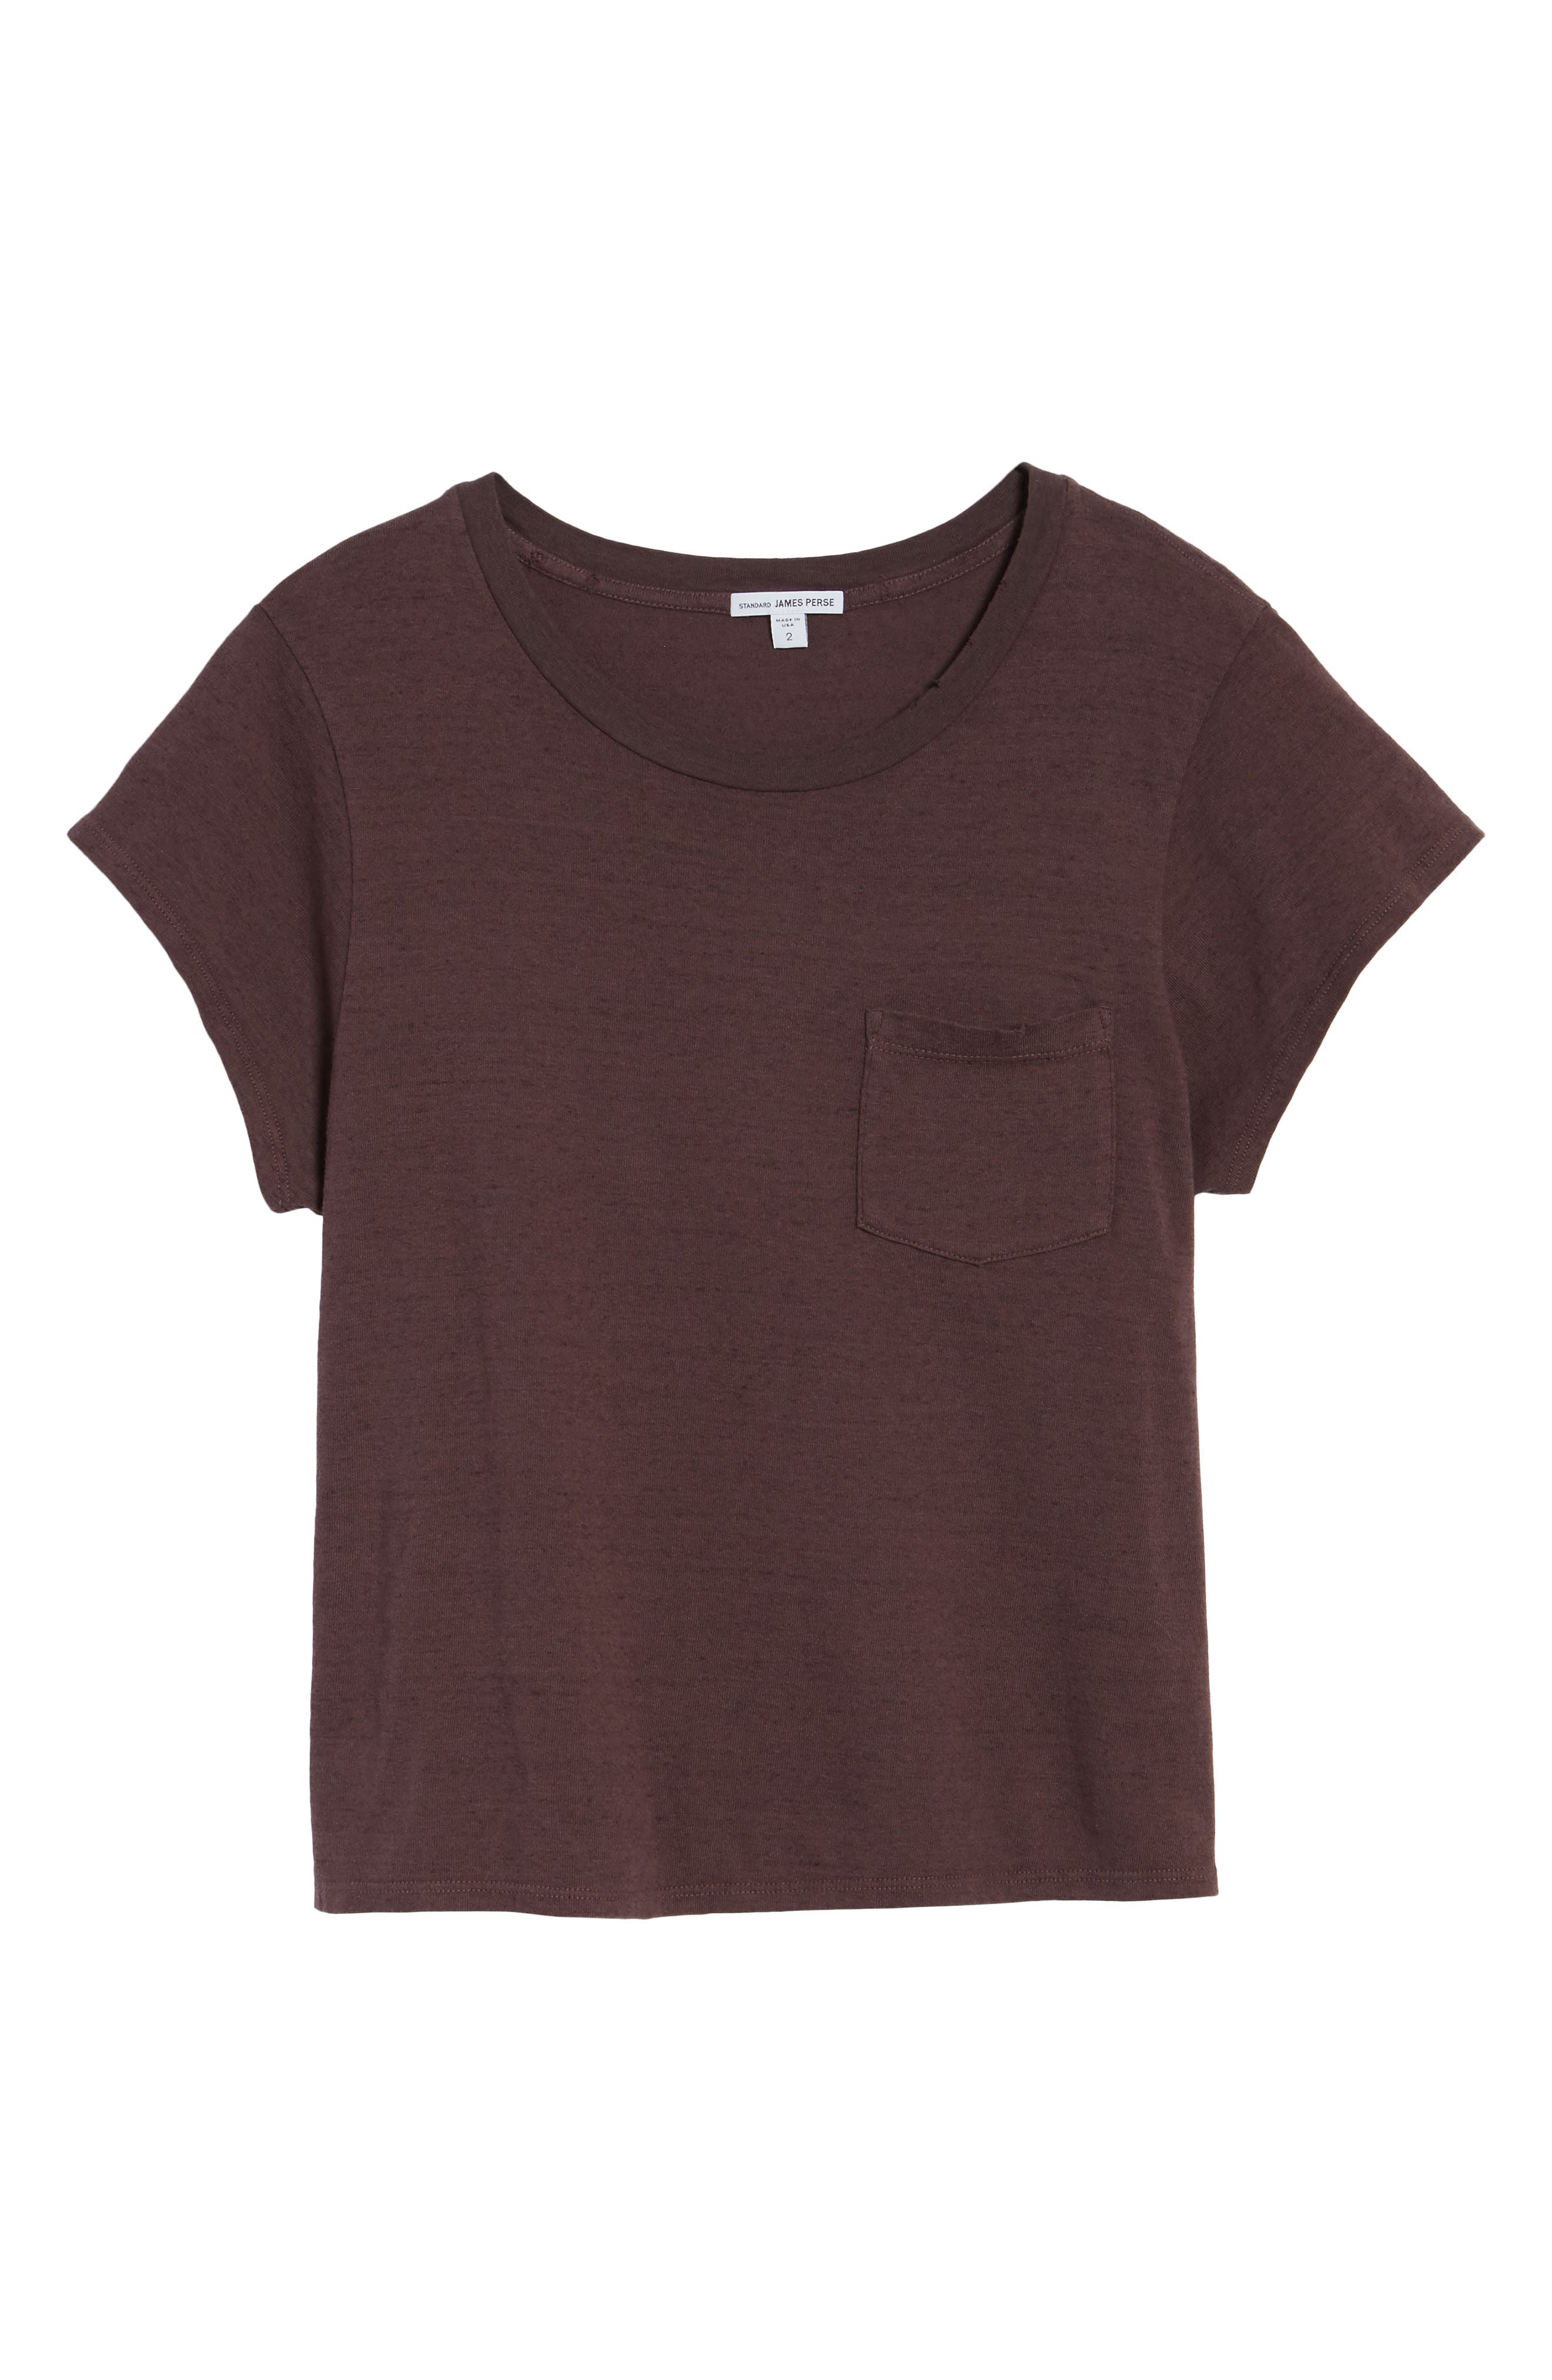 Vintage Sweatshirt Tee,                             Alternate thumbnail 12, color,